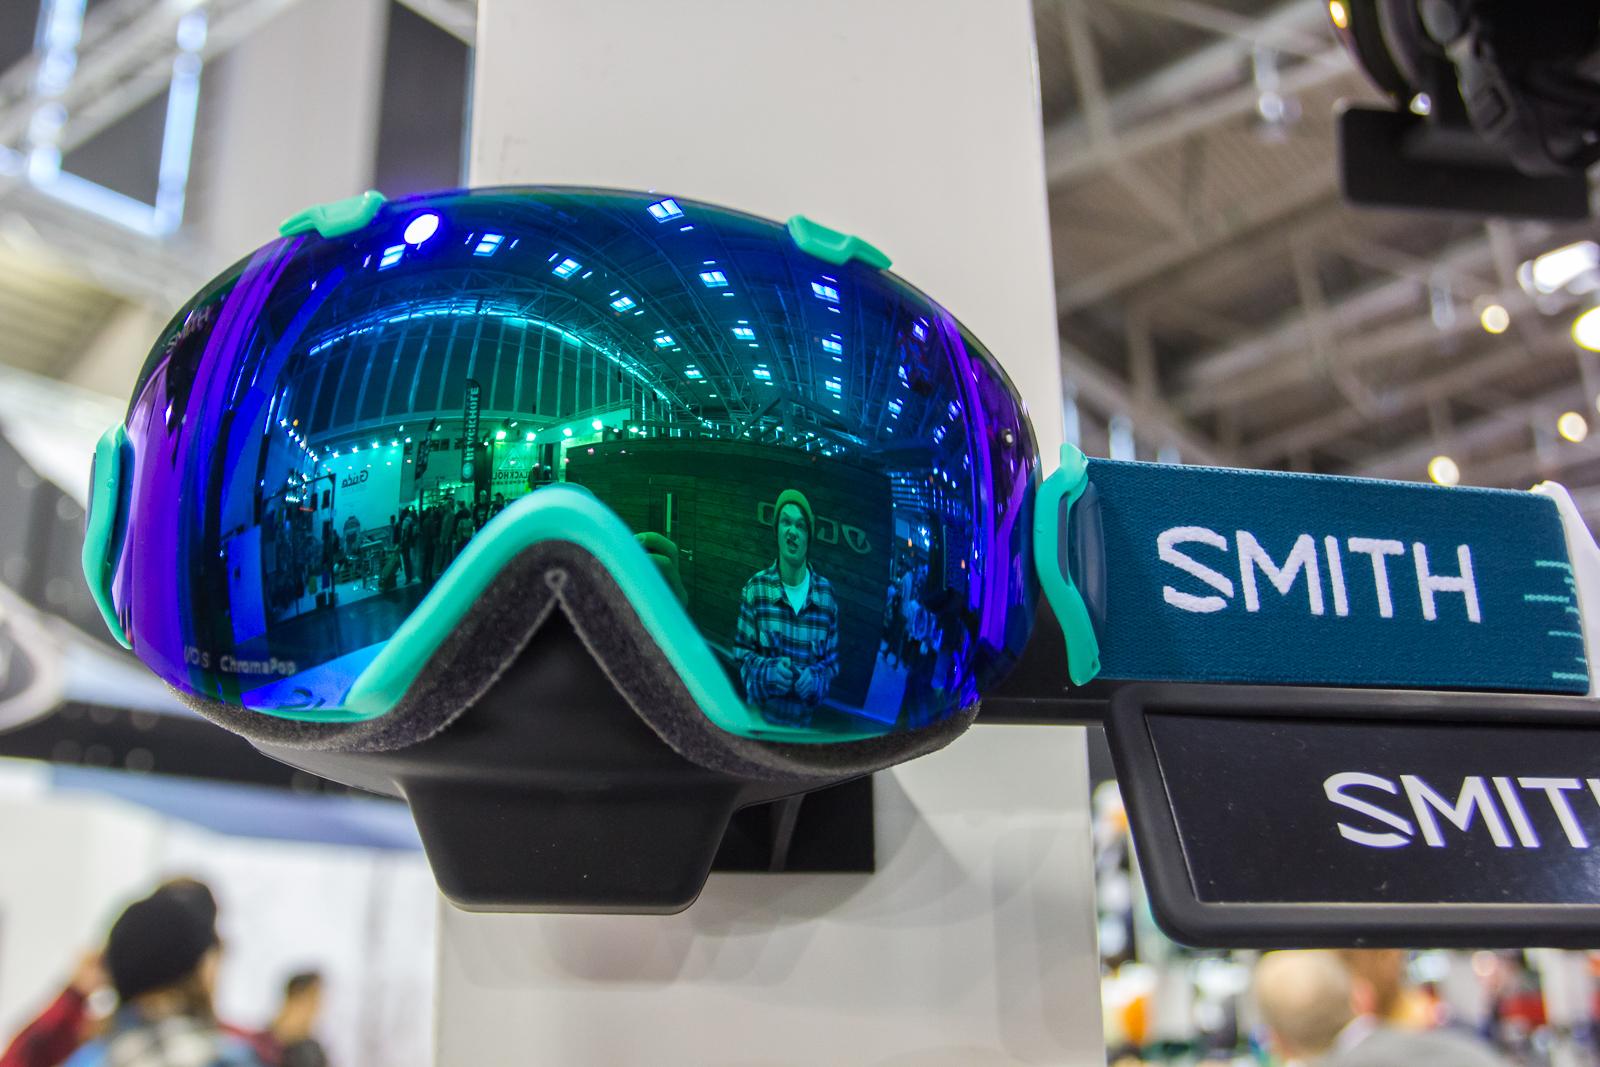 Neue Smith Goggles mit verbessertem Glas für perfekte sowie scharfe Kontraste